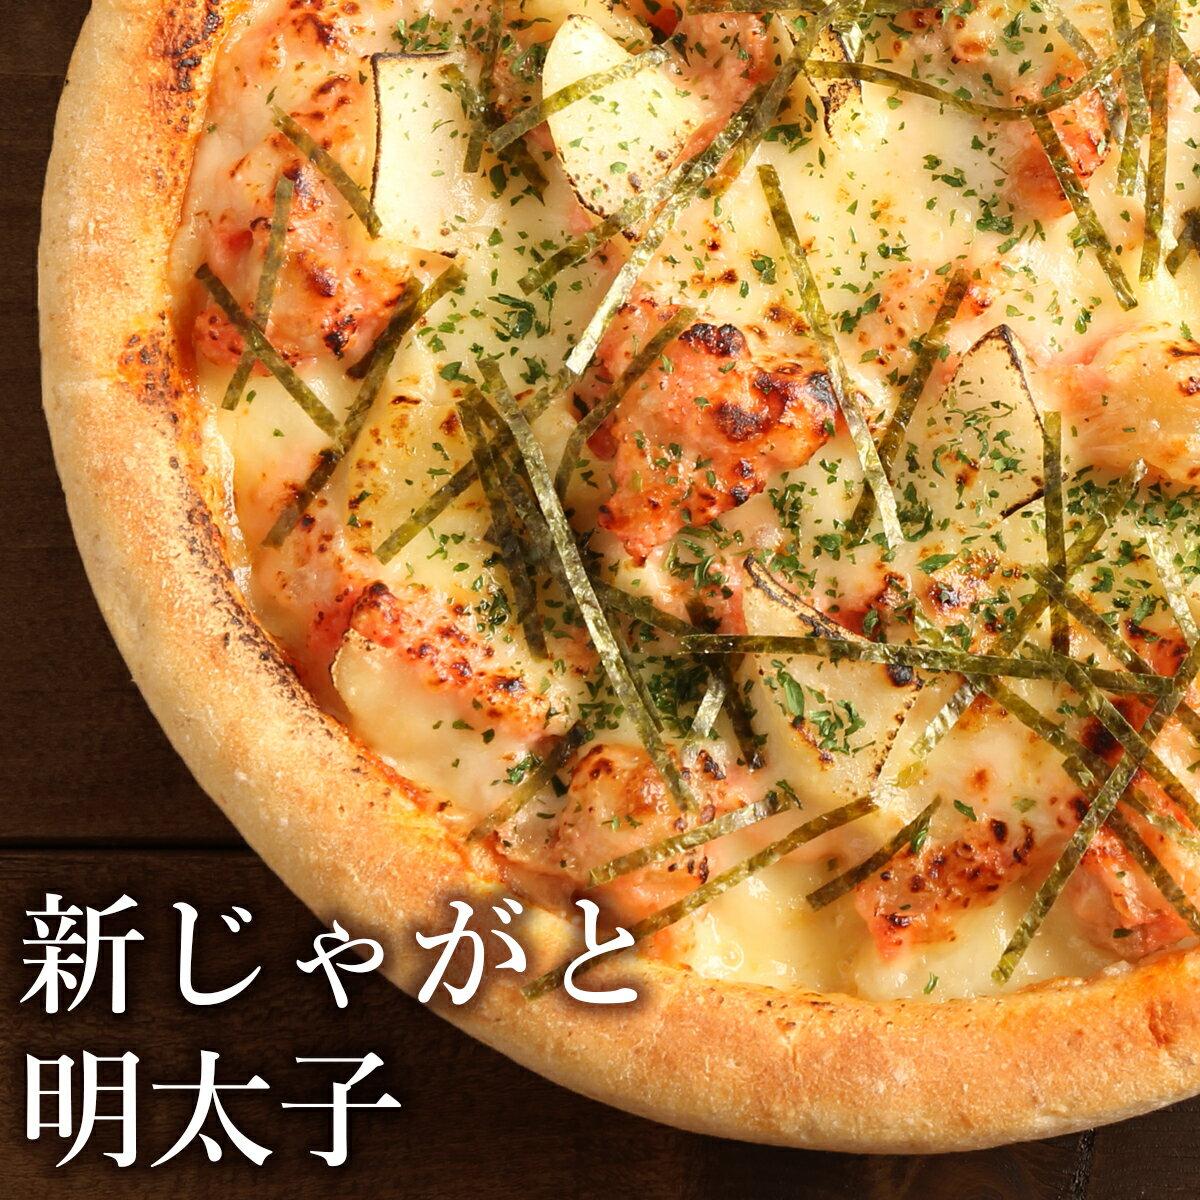 ピザ冷凍 / 新じゃがと明太子のピザ / まろやかな口当たりのさっぱりクリームチーズ・ライ麦全粒粉ブレンド生地・直径役20cm